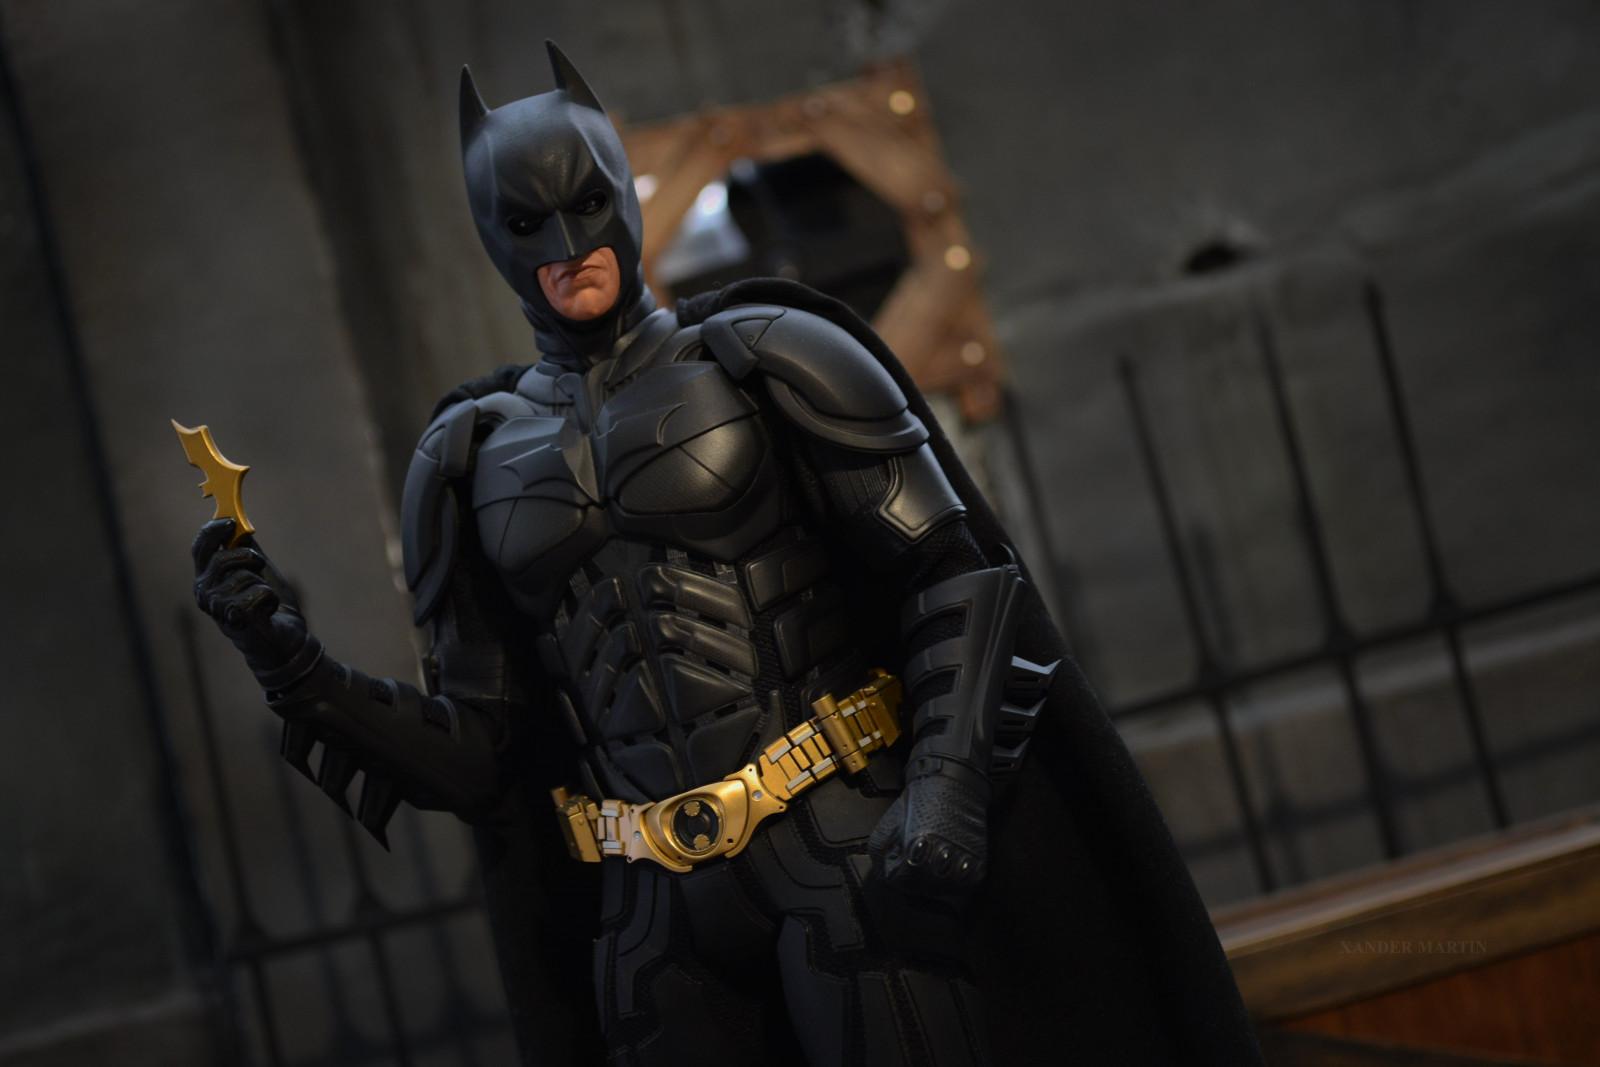 Hintergrundbilder : dunkel, Batman, katzenfrau, Joker, Rahmen ...